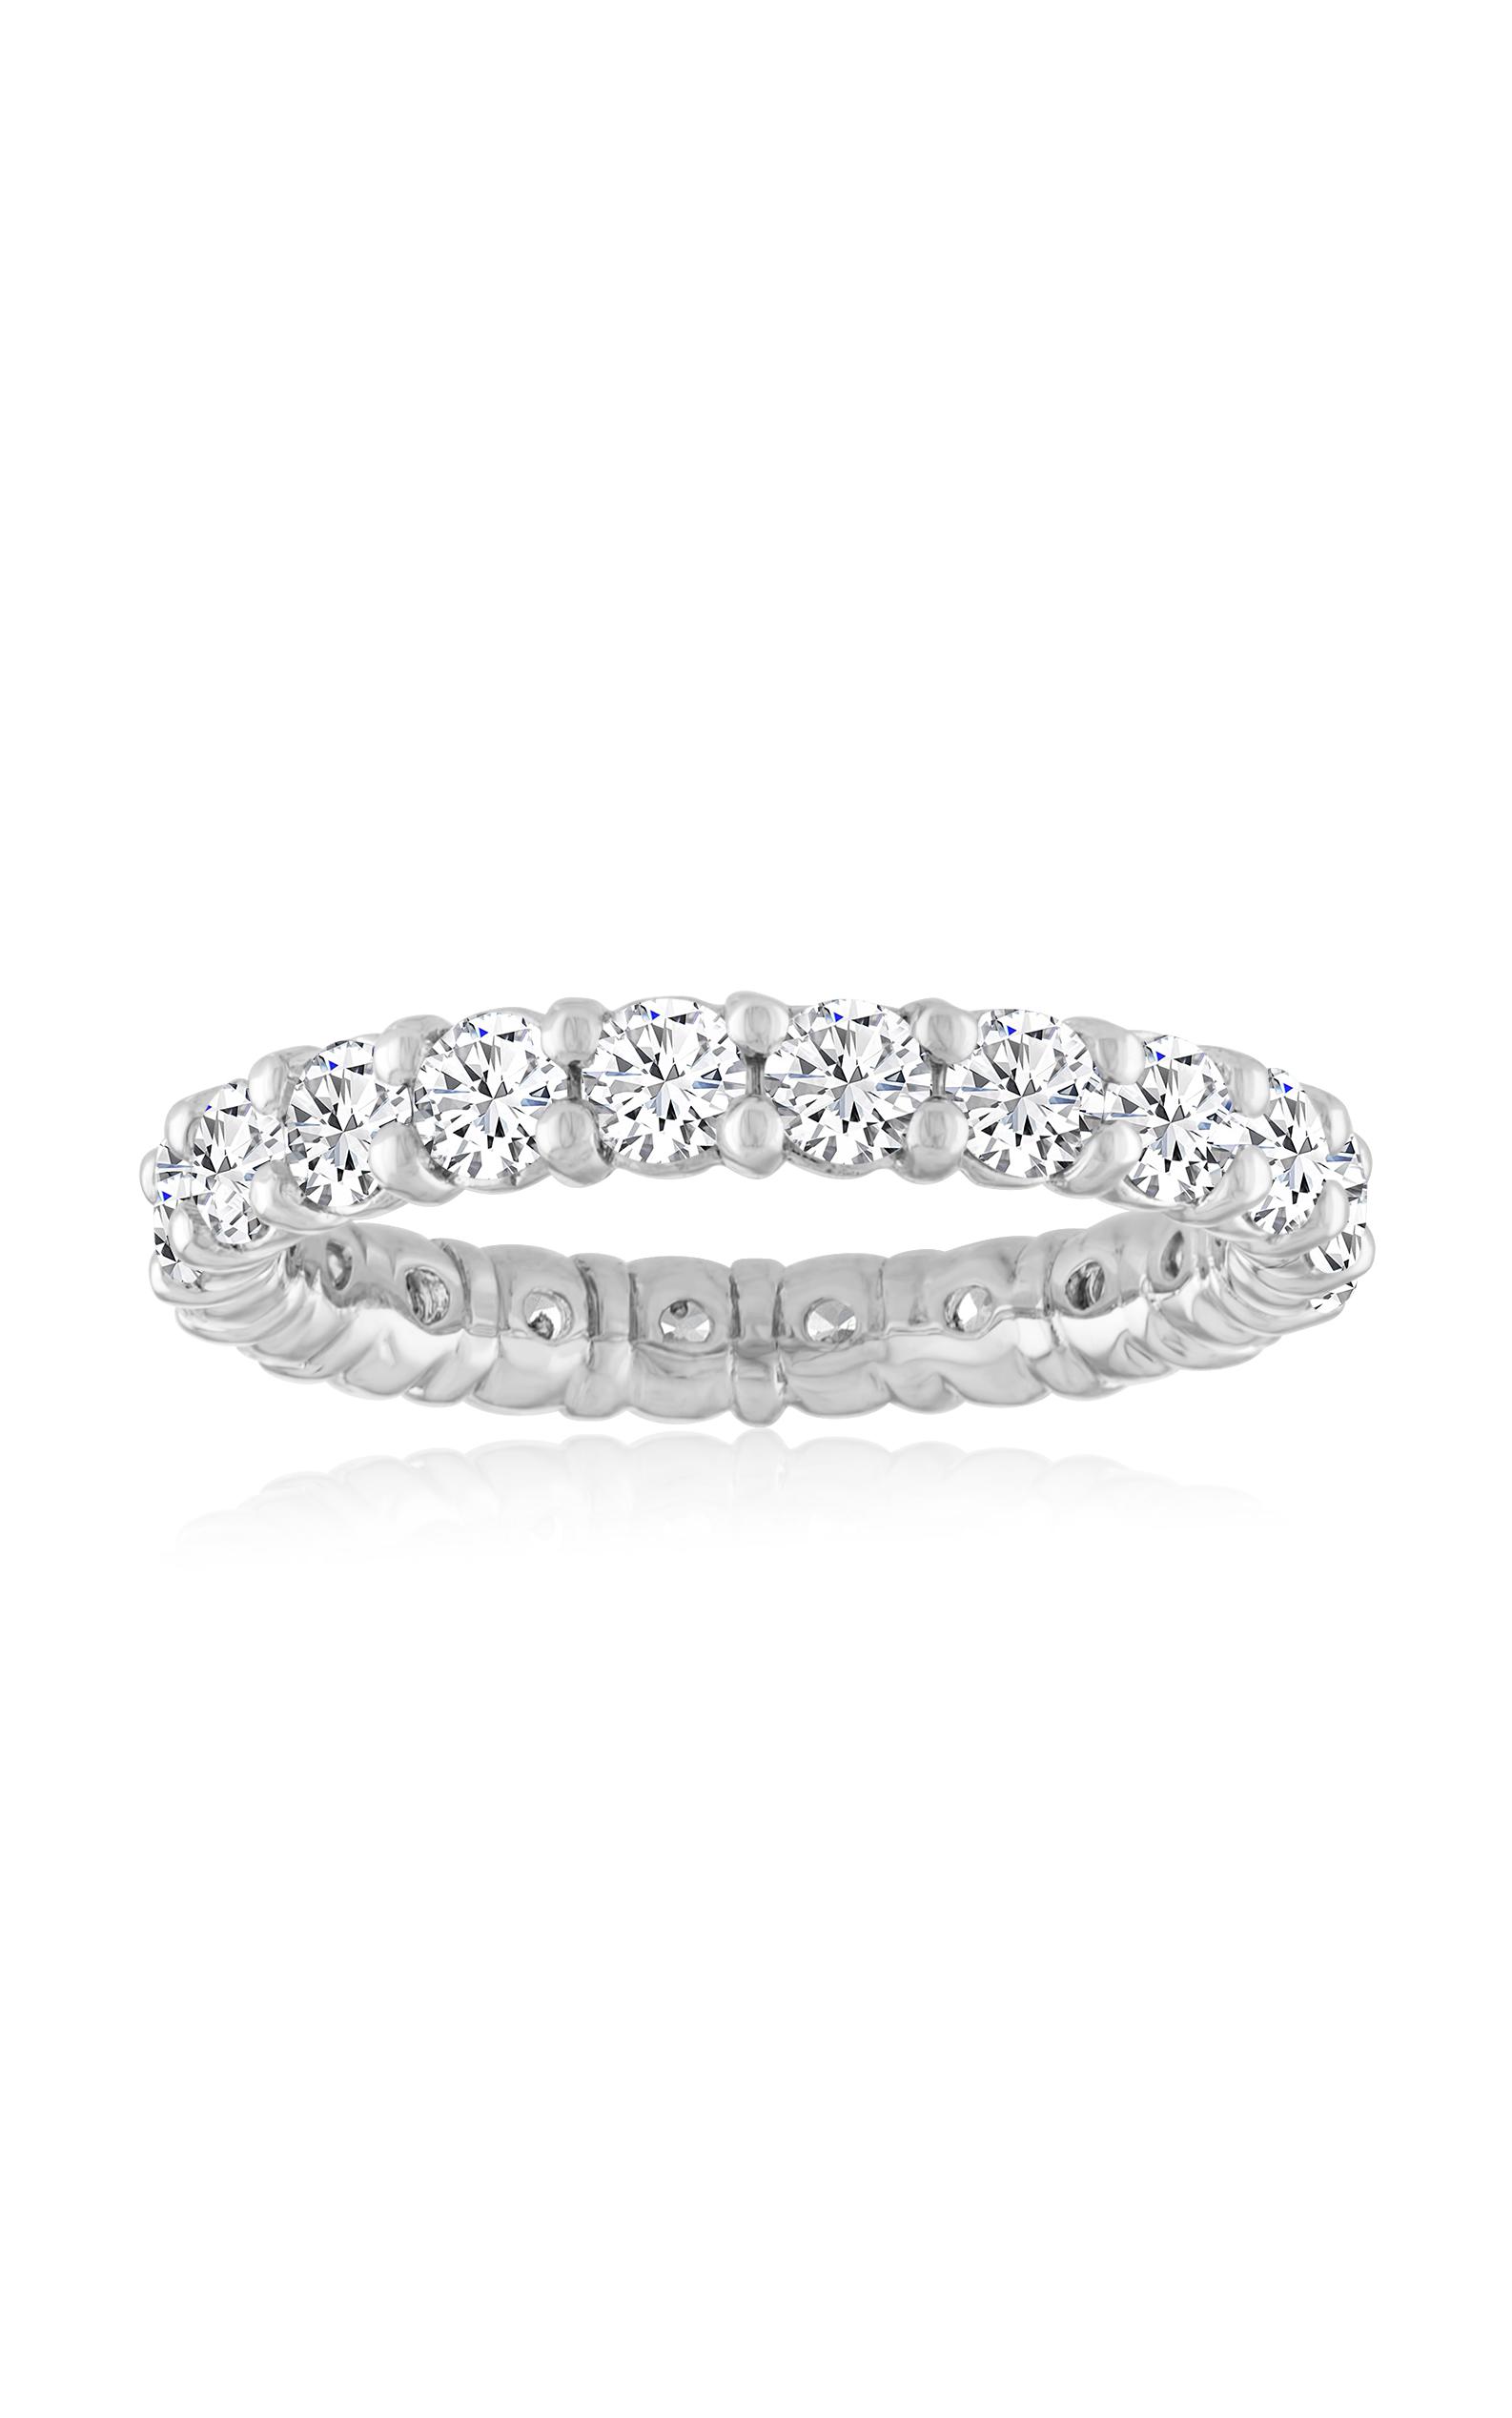 Imagine Bridal Wedding Band 86076D-1.5 product image